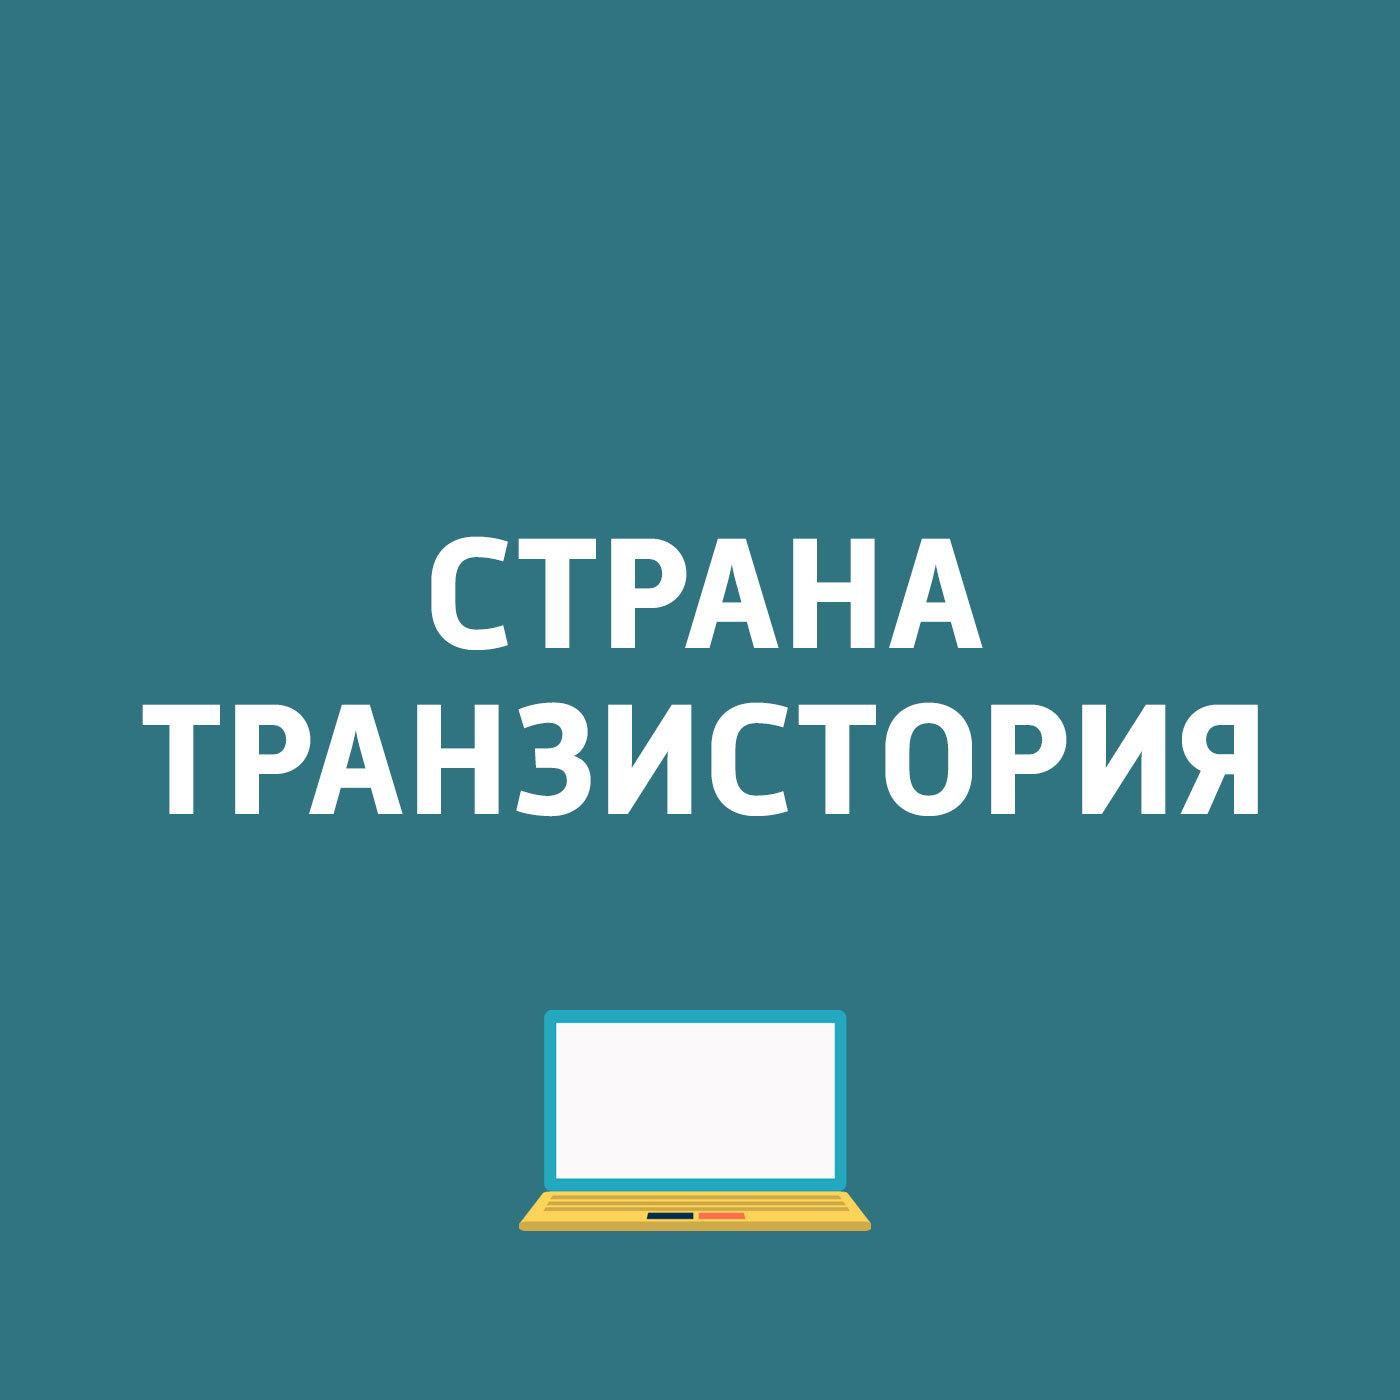 Картаев Павел Sony Xperia XA Ultra; iOS 9.3.2 превращает iPad Pro в кирпич; Платное ТВ в России смотрят 39,5 млн картаев павел xperia xa ultra яндекс навигатор предупредит о превышении скорости запуск pokemon go в россии отложен